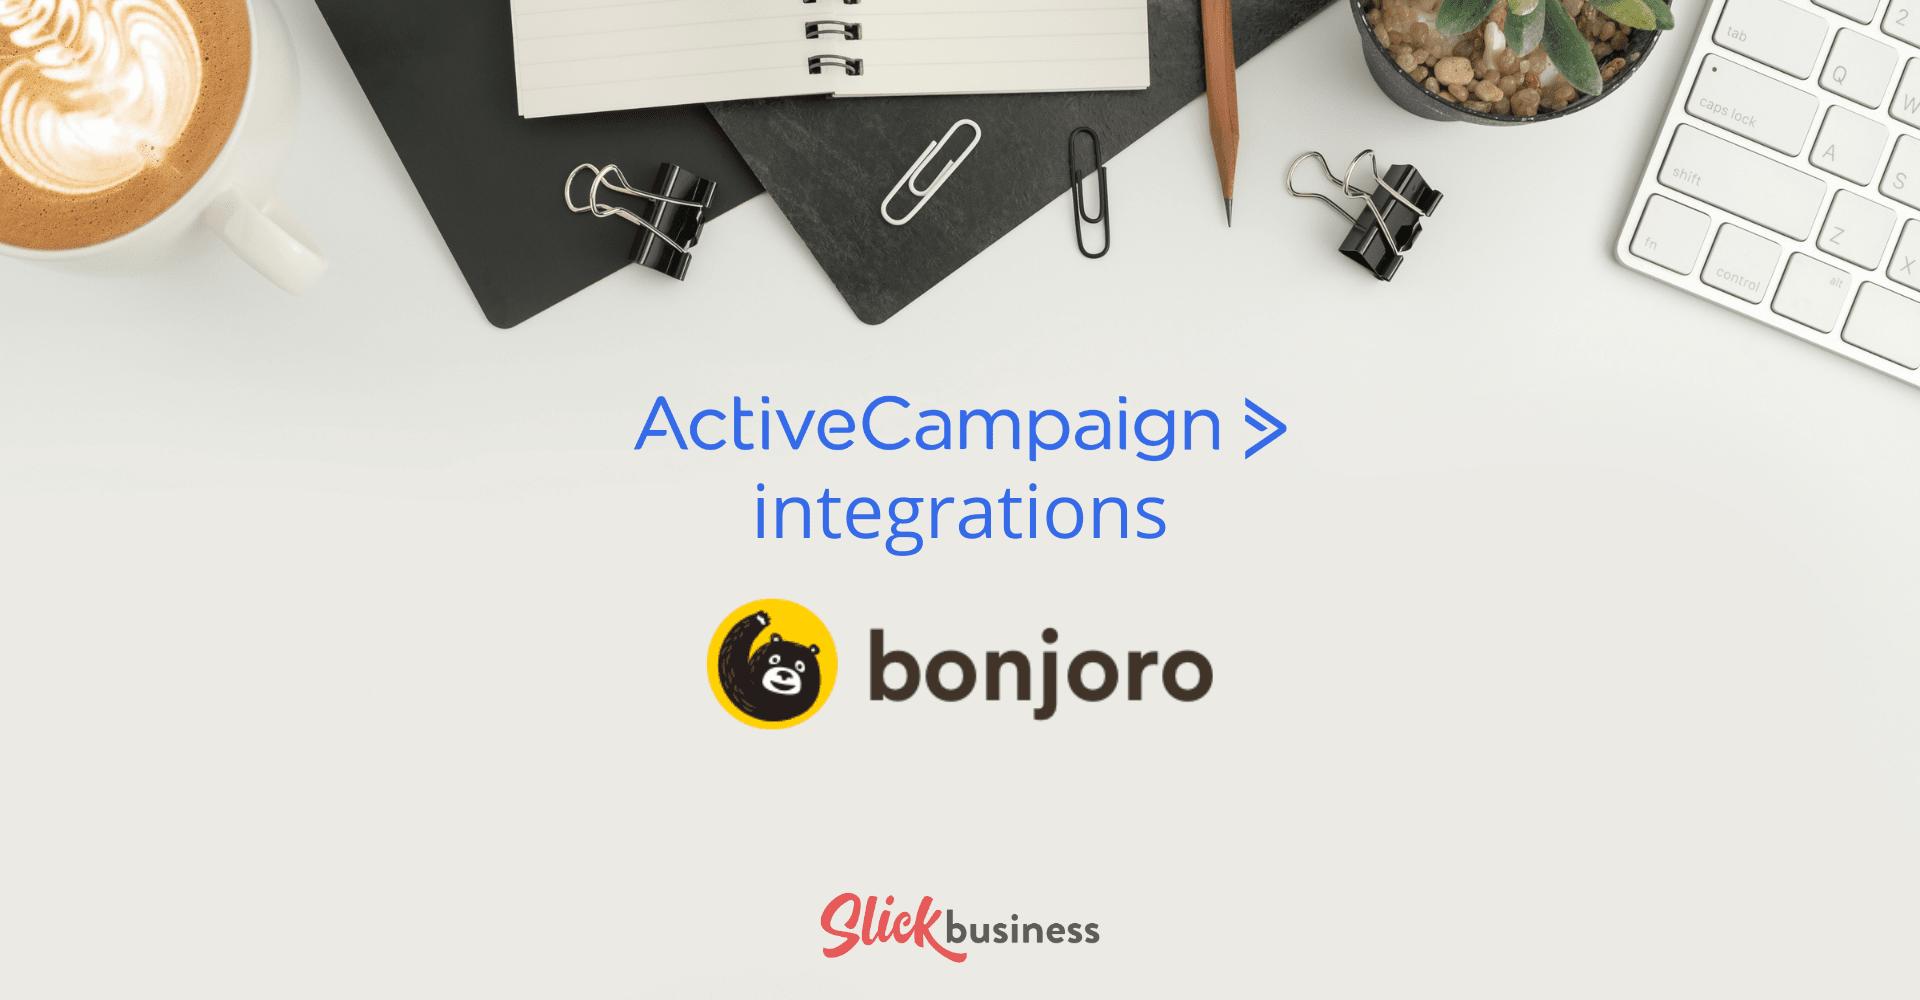 ActiveCampaign integrations bonjoro